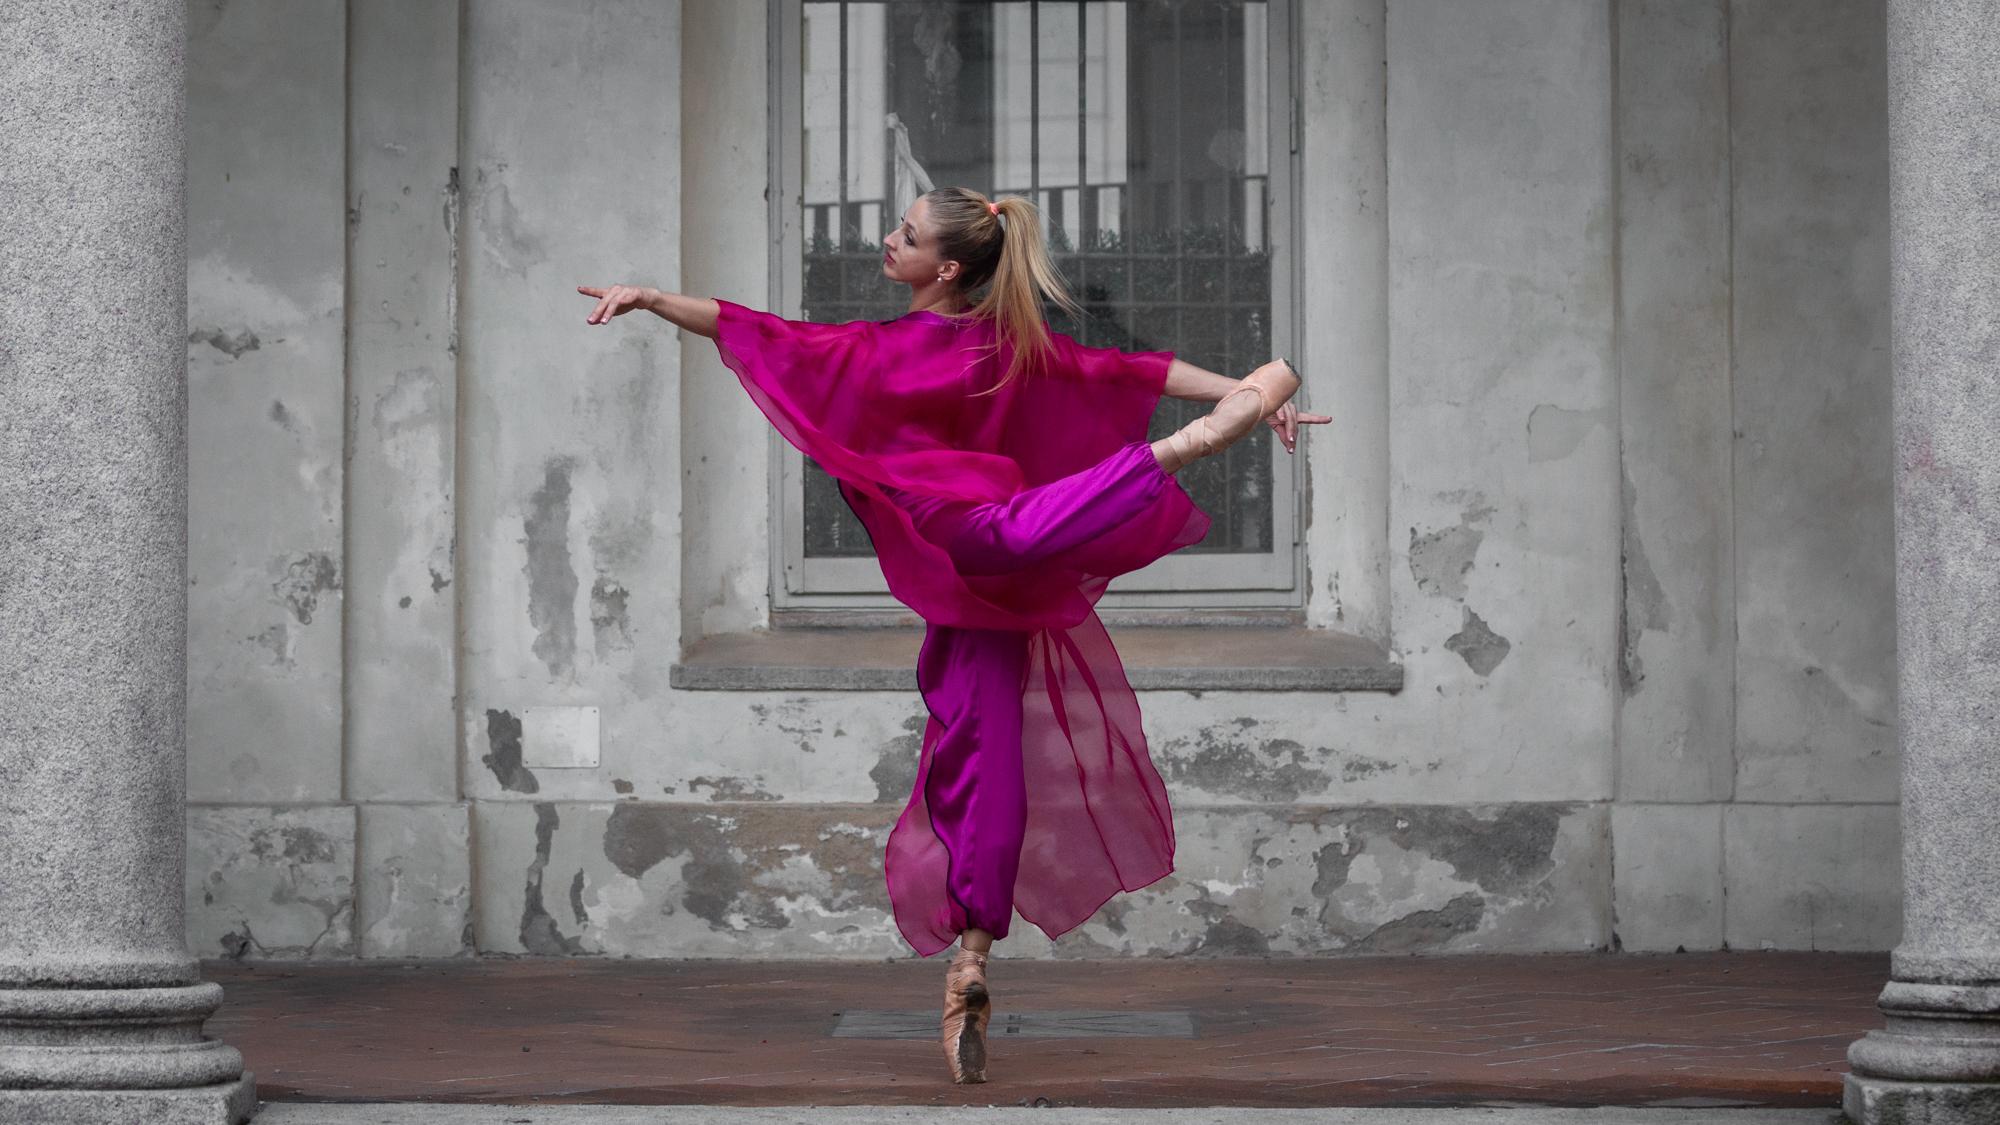 Virna_ballerina-6